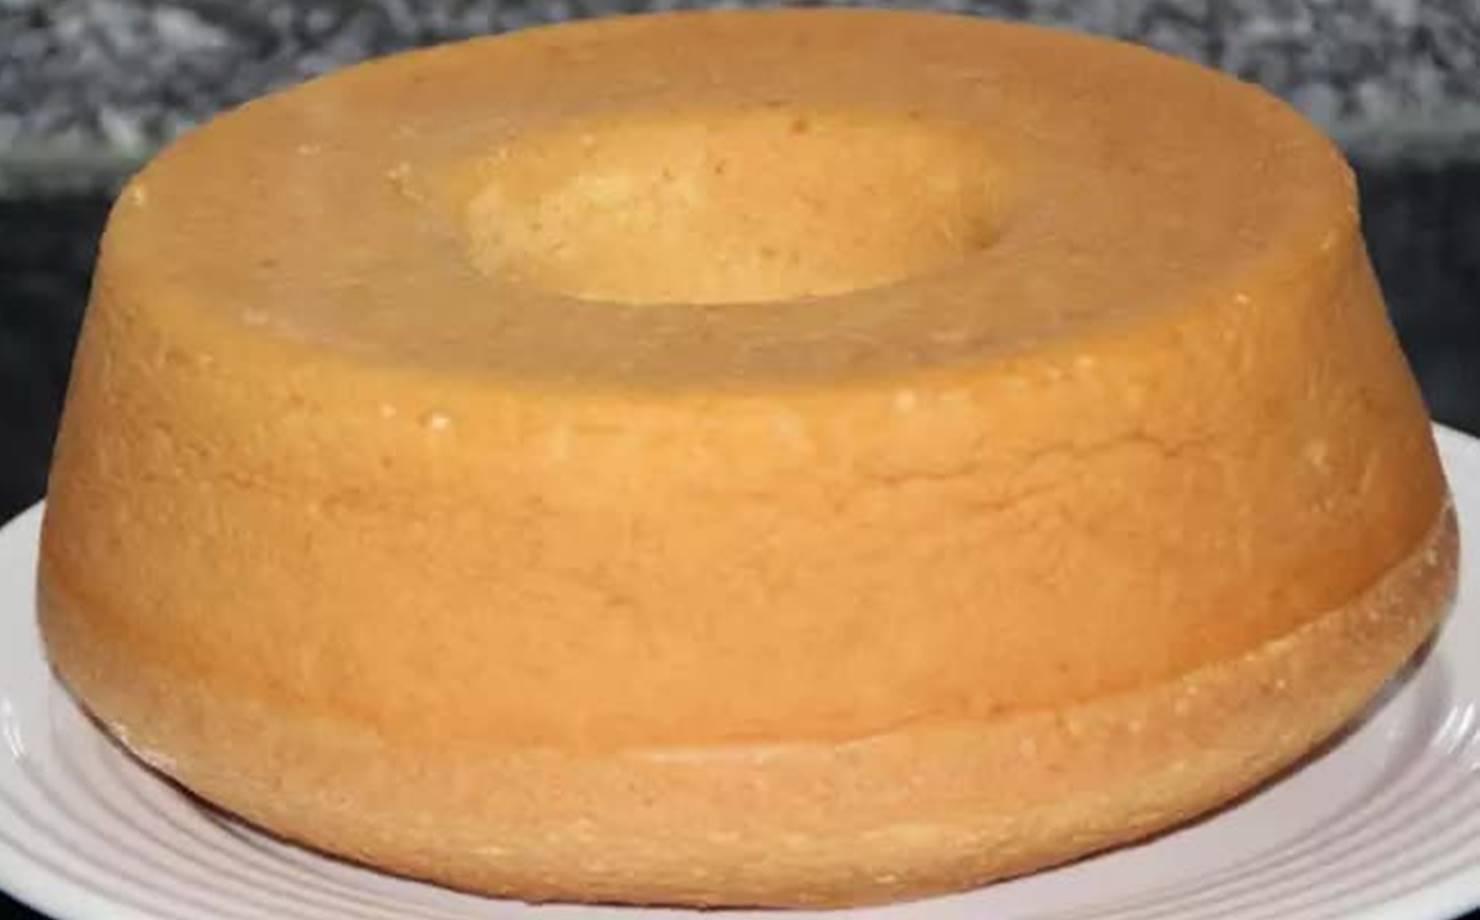 Como fazer um bolo delicioso sem manteiga, sem ovos e sem leite